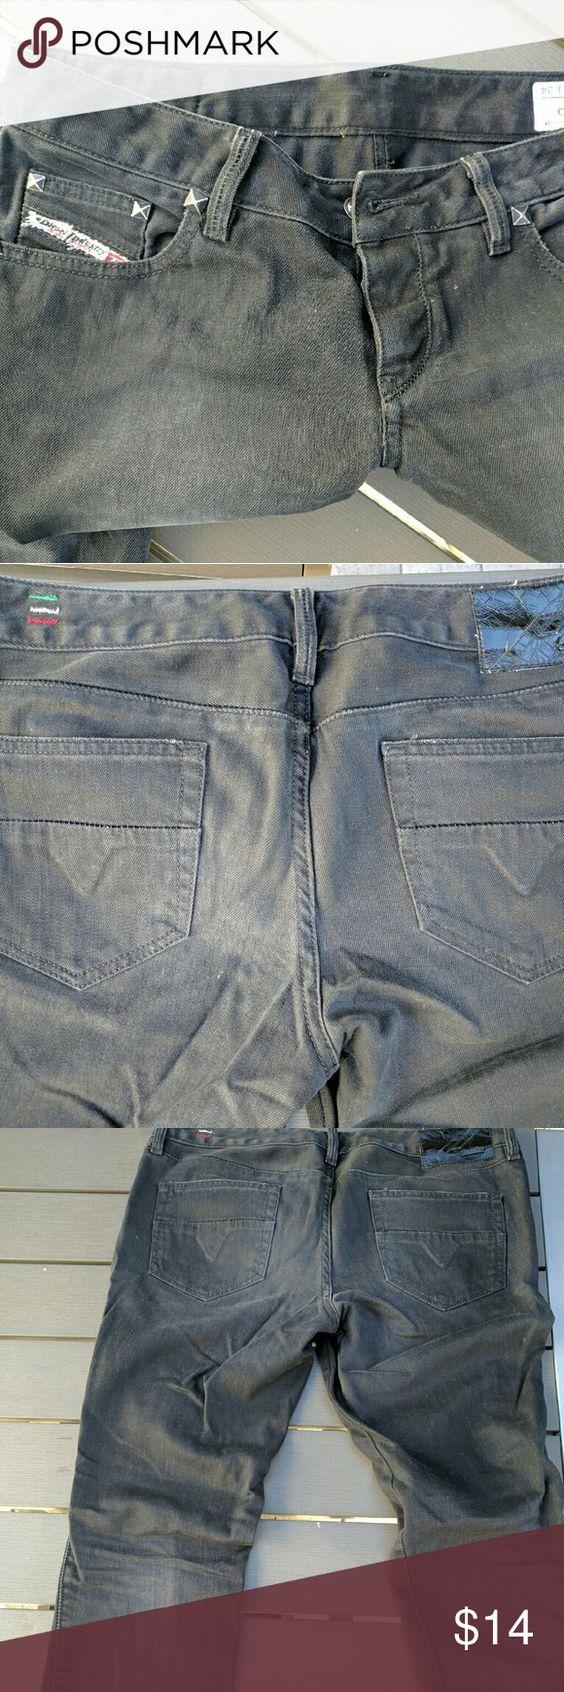 Vintage Diesel Black  SkinnyJeans The original skinny jean, these are Diesel Made In Italy. Rugged premium denim. 29x34. Manufactured date on tag. Diesel Jeans Skinny